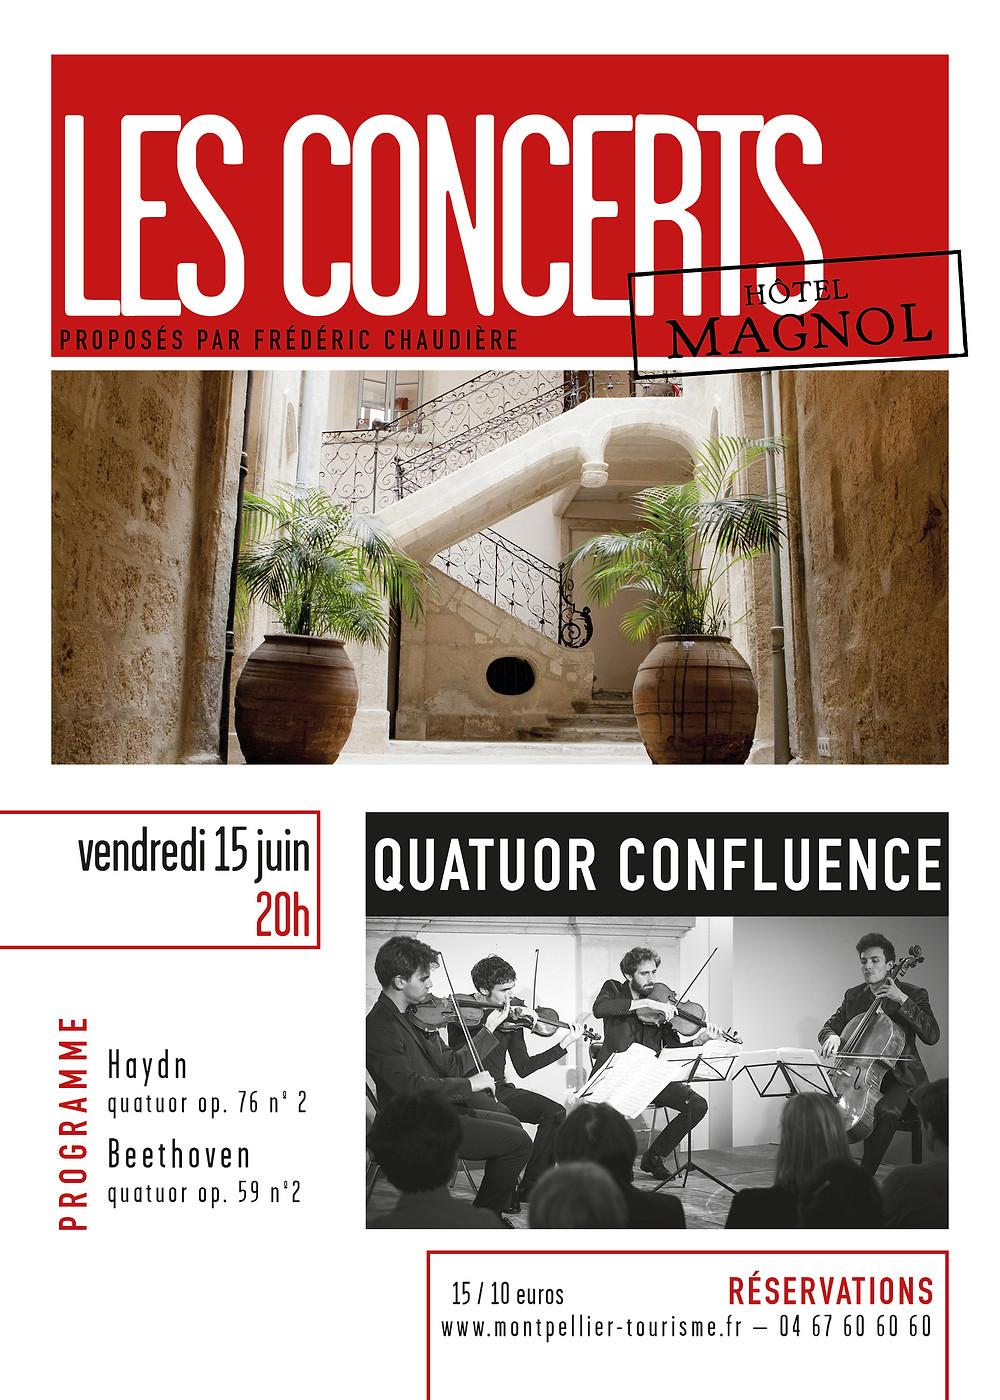 Concert Quatuor Confluence Montpellier © Hôtel Magnol